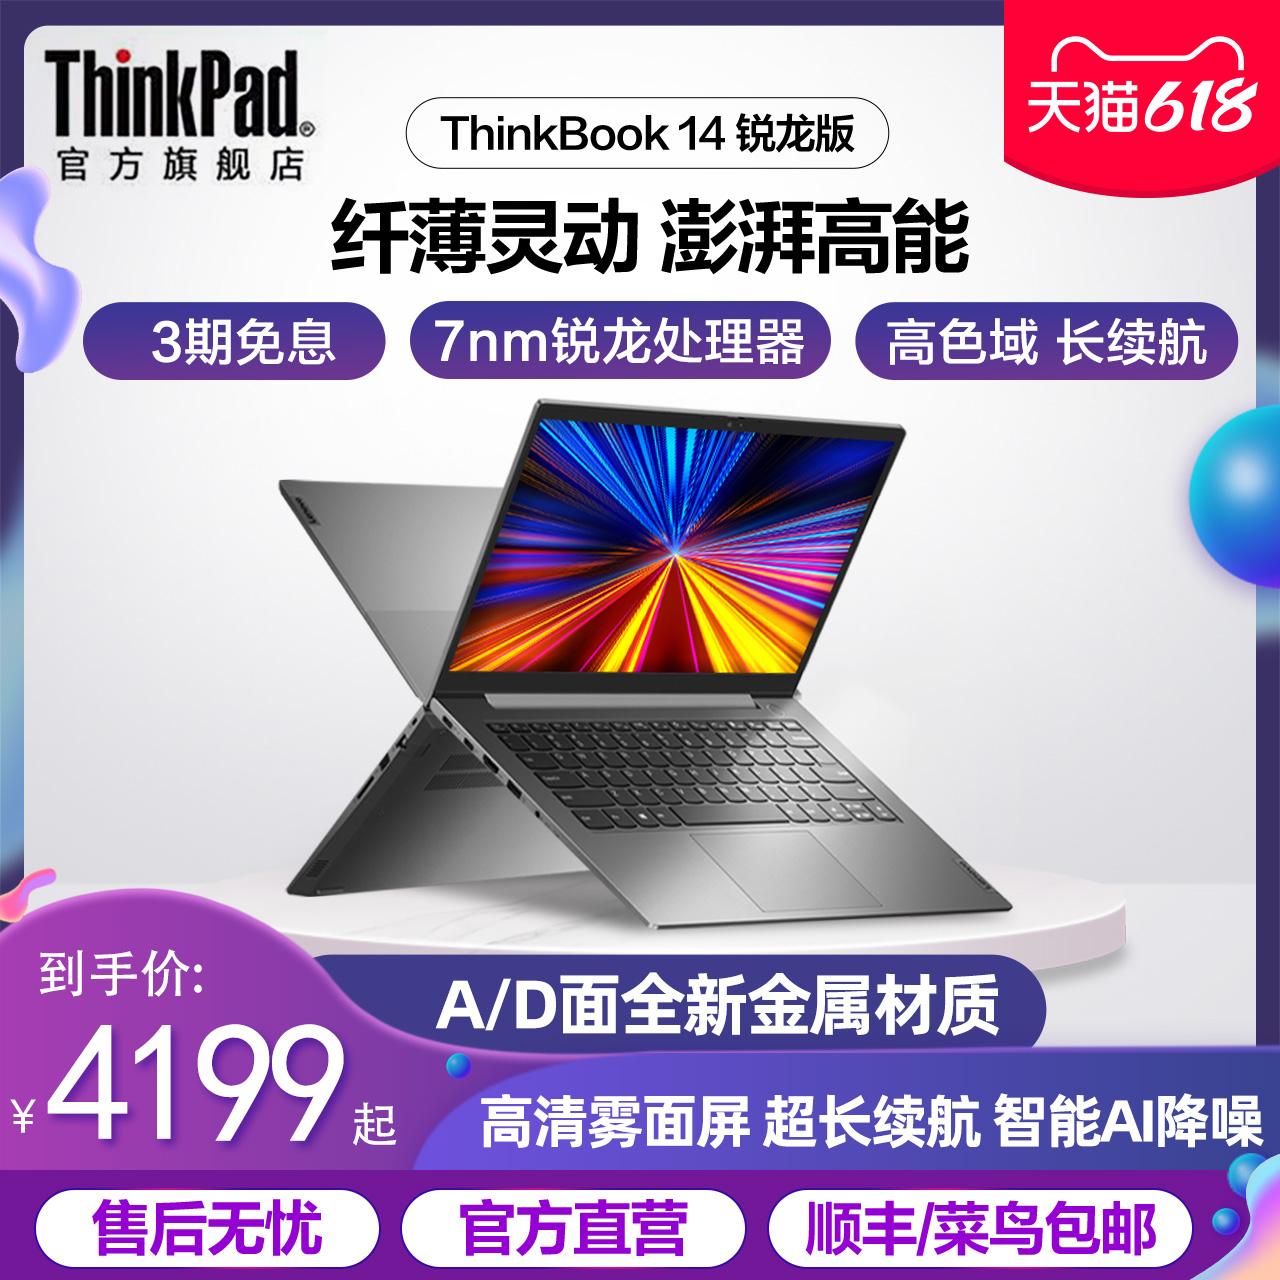 联想ThinkBook 14新一代锐龙R5/R7 16G内存 高色域14英寸学生网课笔记本电脑官方旗舰店正品